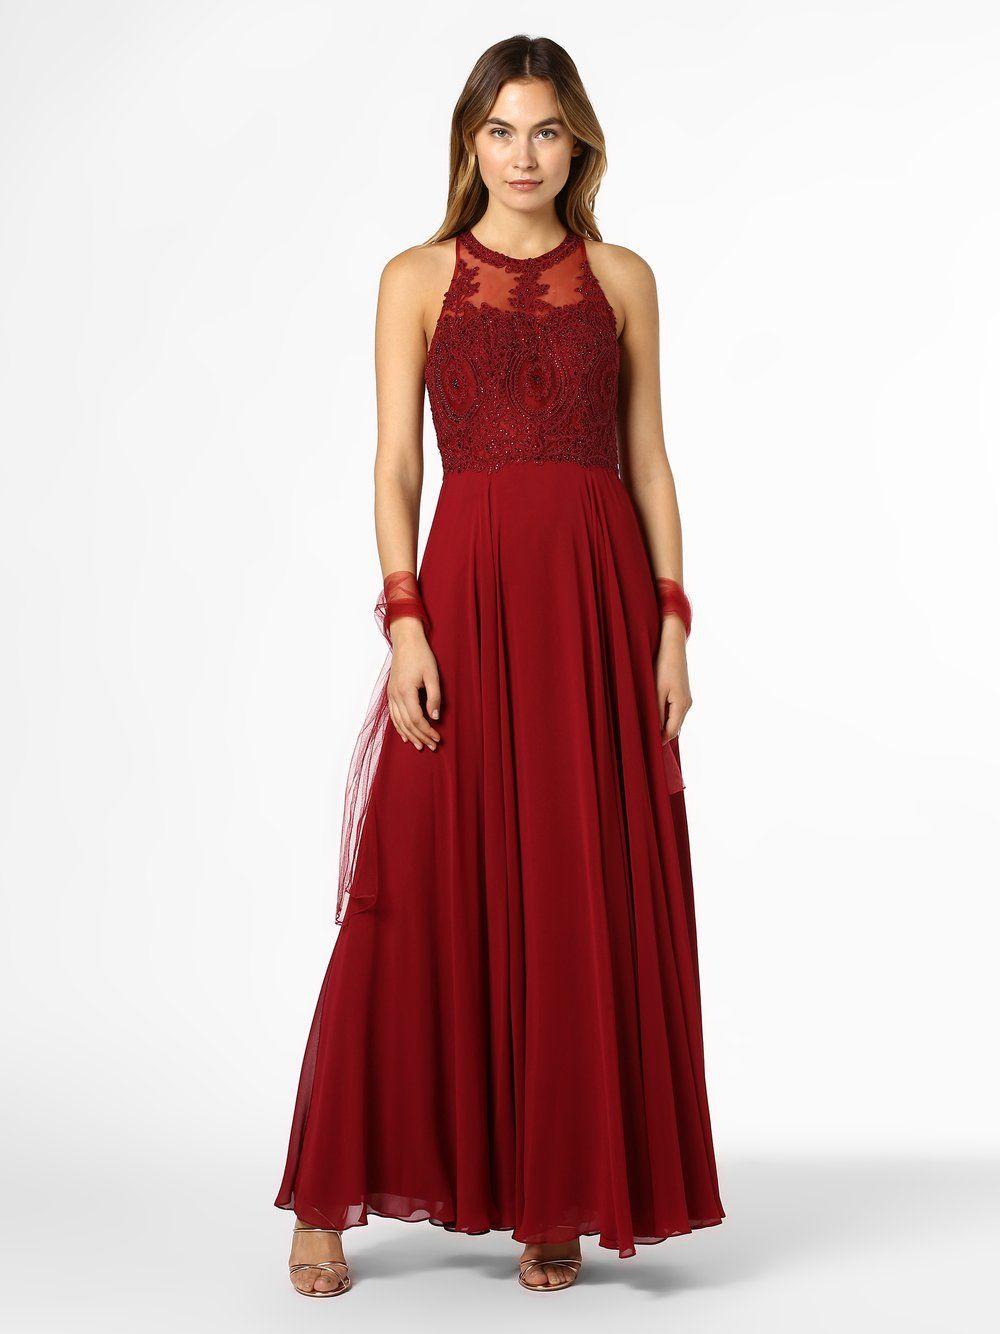 Mascara Damen Abendkleid mit Stola online kaufen in 11